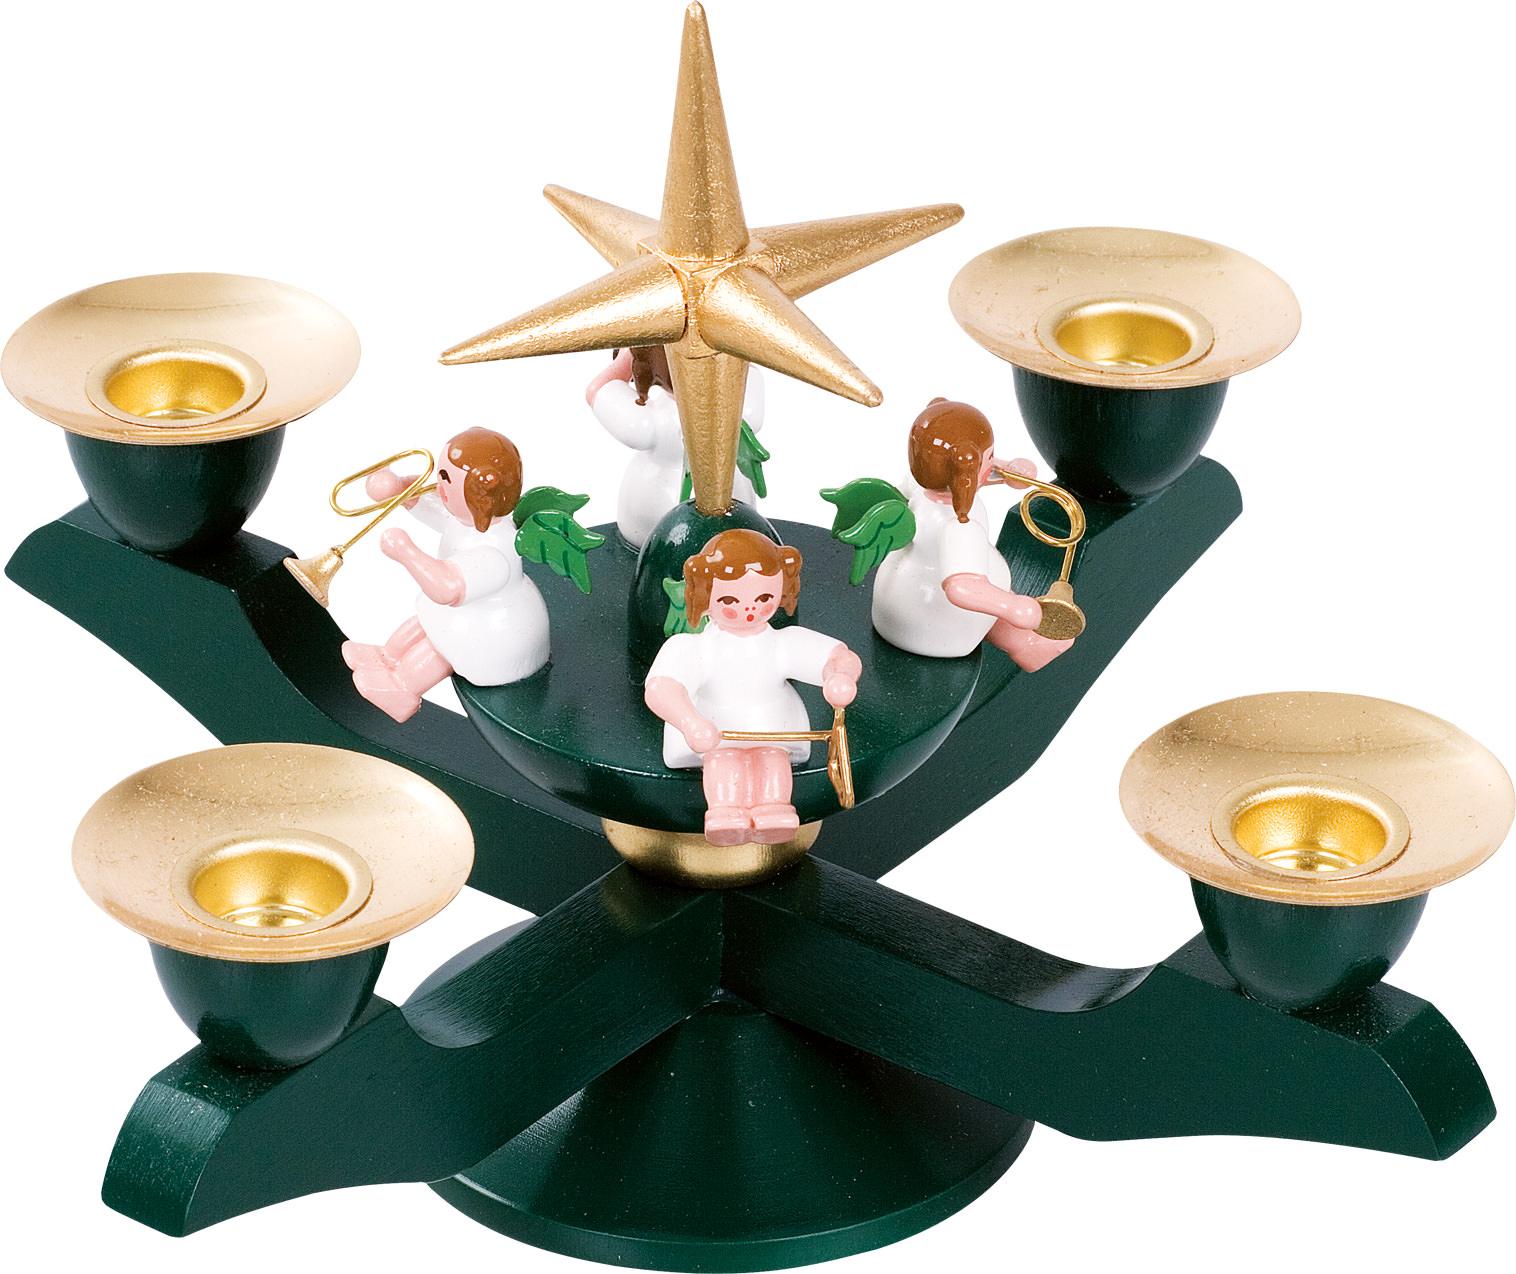 glässer adventsleuchter grün klein - adventsleuchter